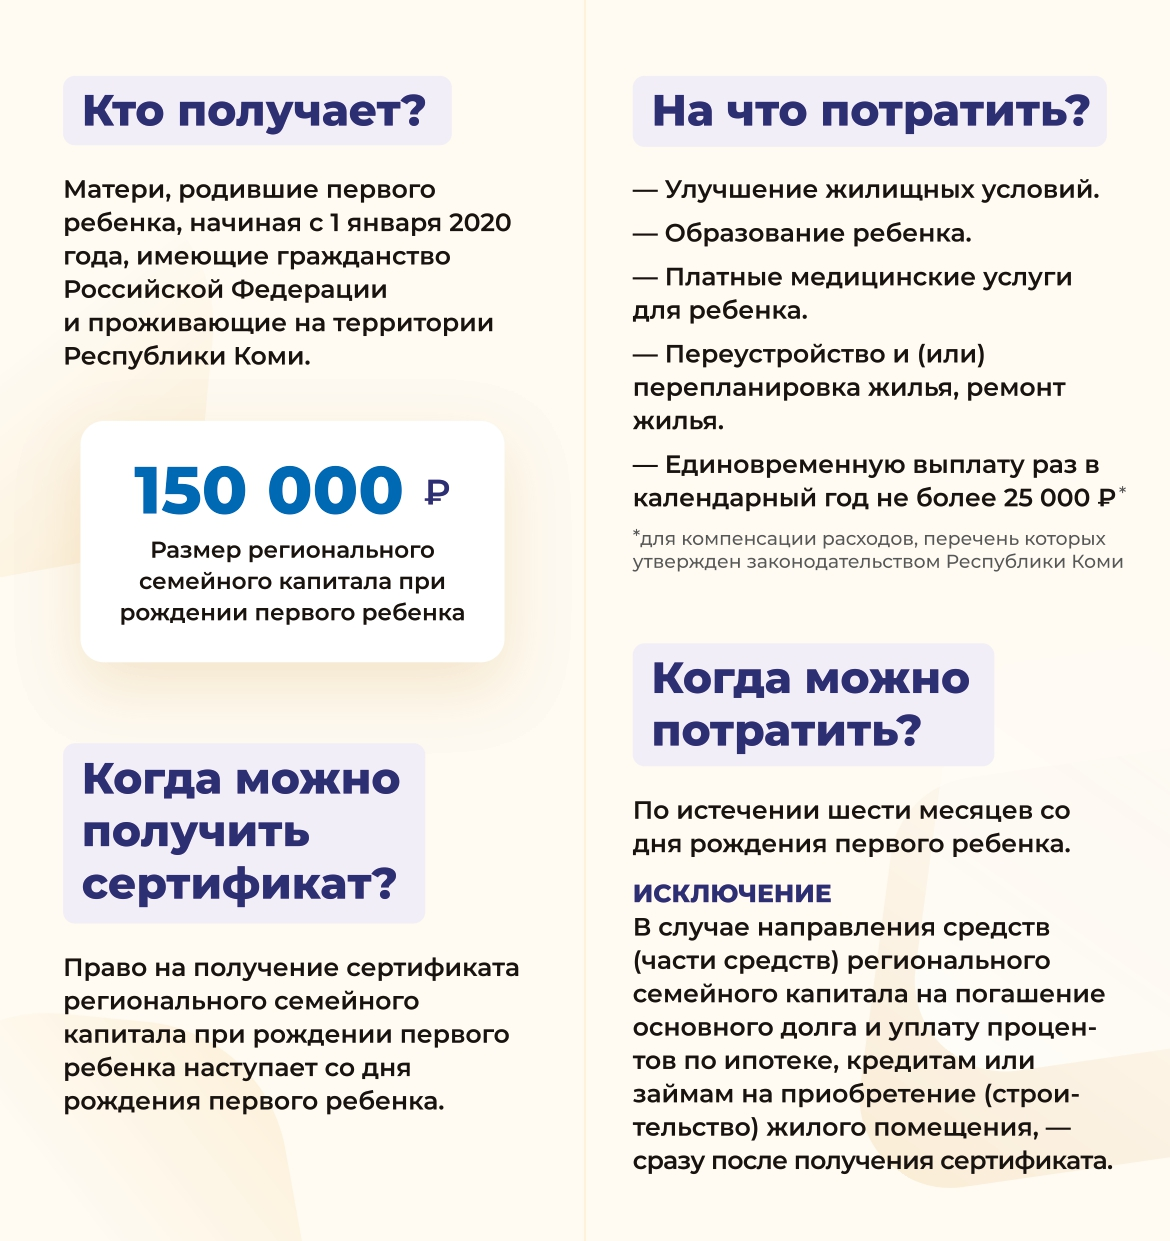 DLY-PECATI-BUKLET-1-FALT-PERVYI-REBENOK_page-0002.jpg